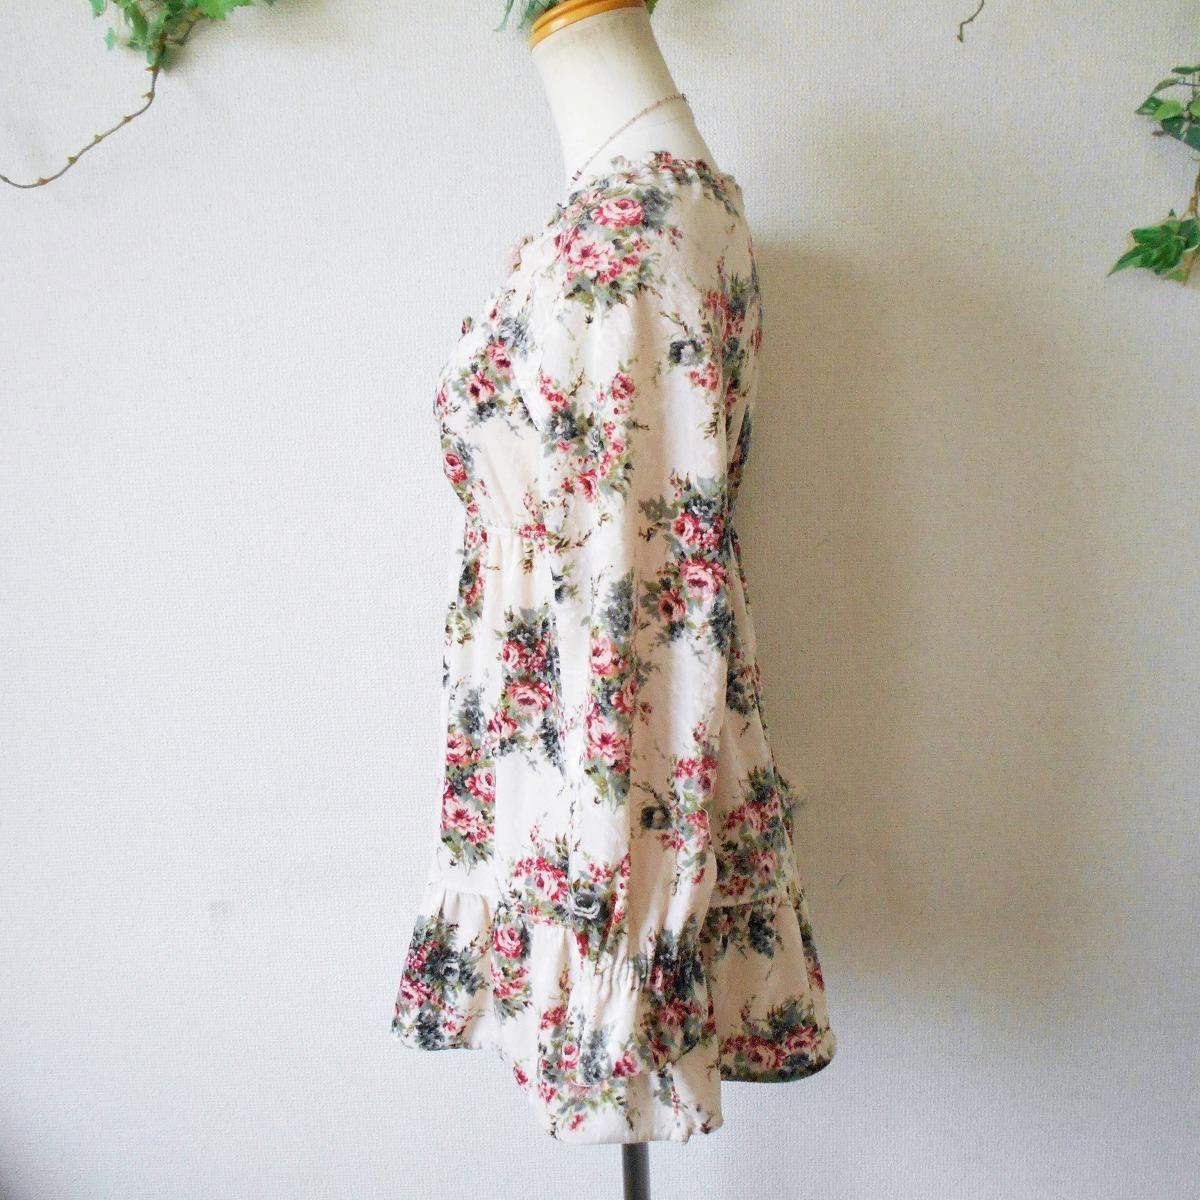 レストローズ LEST ROSE 秋冬 向き 花柄 プリント の 可愛い ベロア 長袖 カットソー 日本製 2_画像5